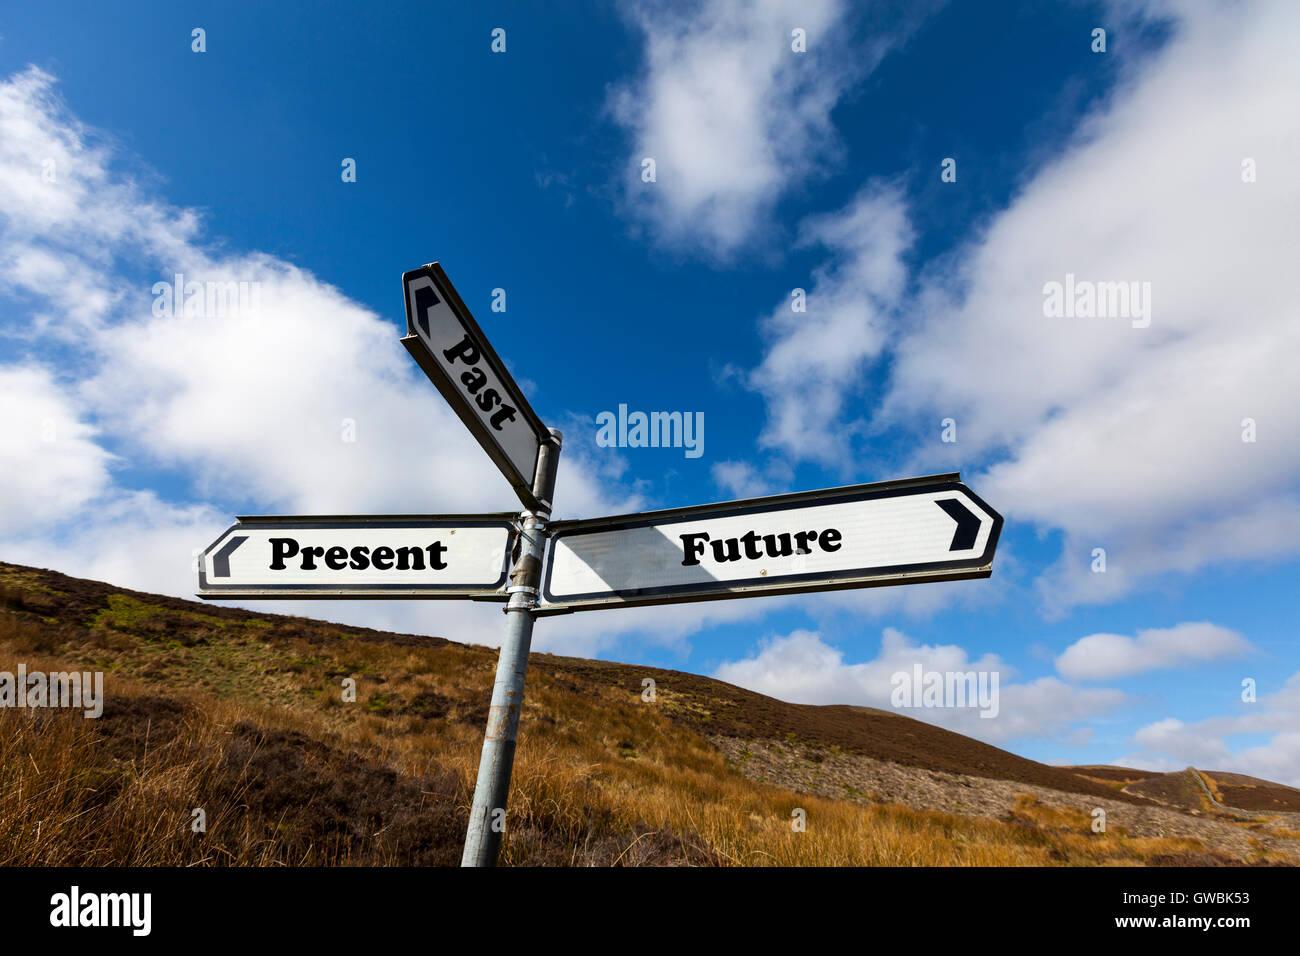 Pasado Presente futuro en vivo señal palabras dirección direcciones opción Elegir opciones de camino Imagen De Stock